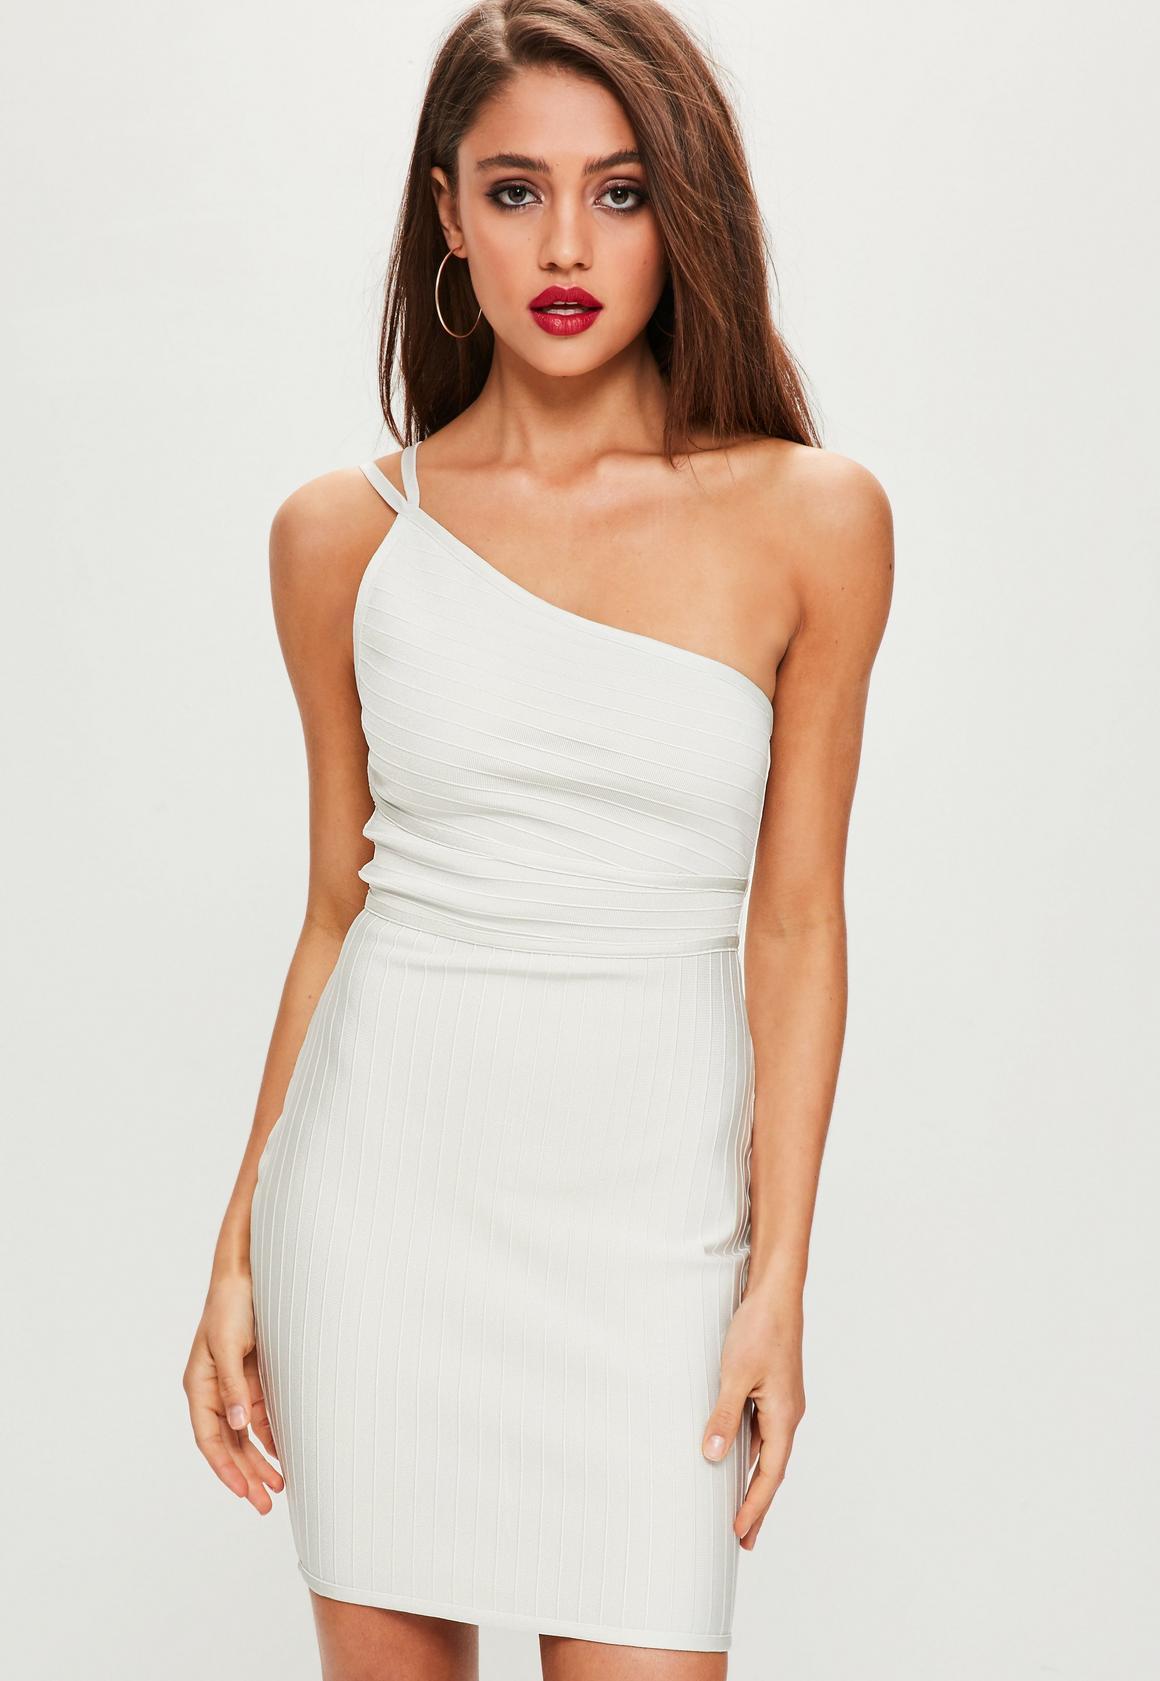 Comprar vestidos largos online espaрів±a